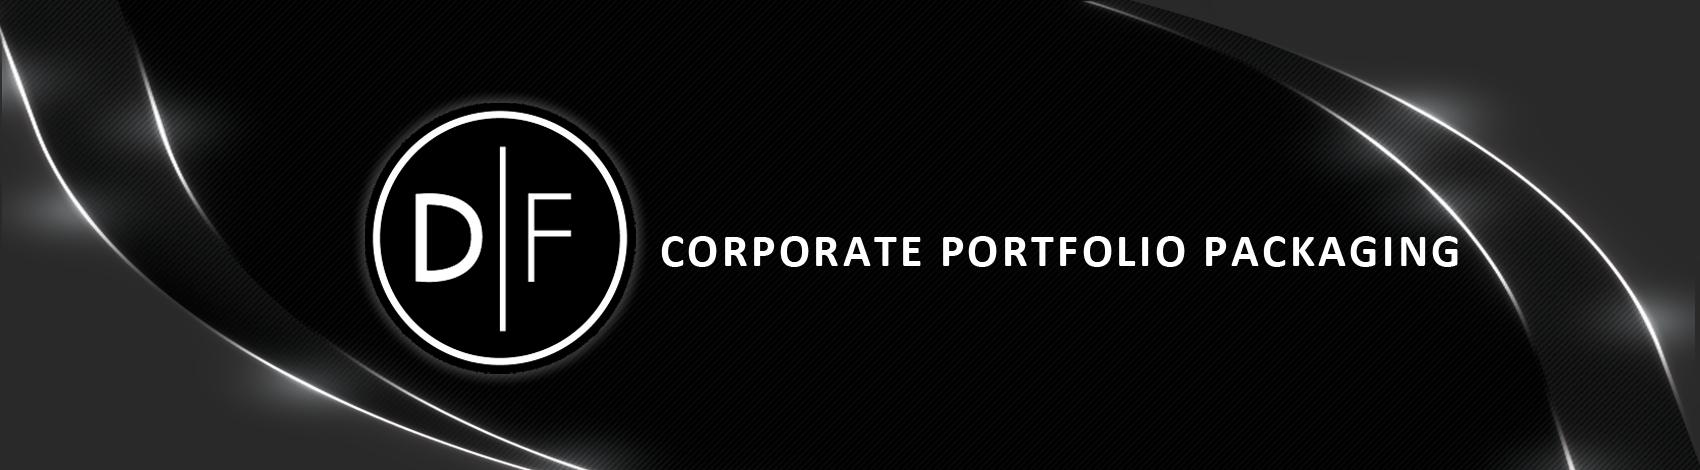 Corporate portfolio packaging